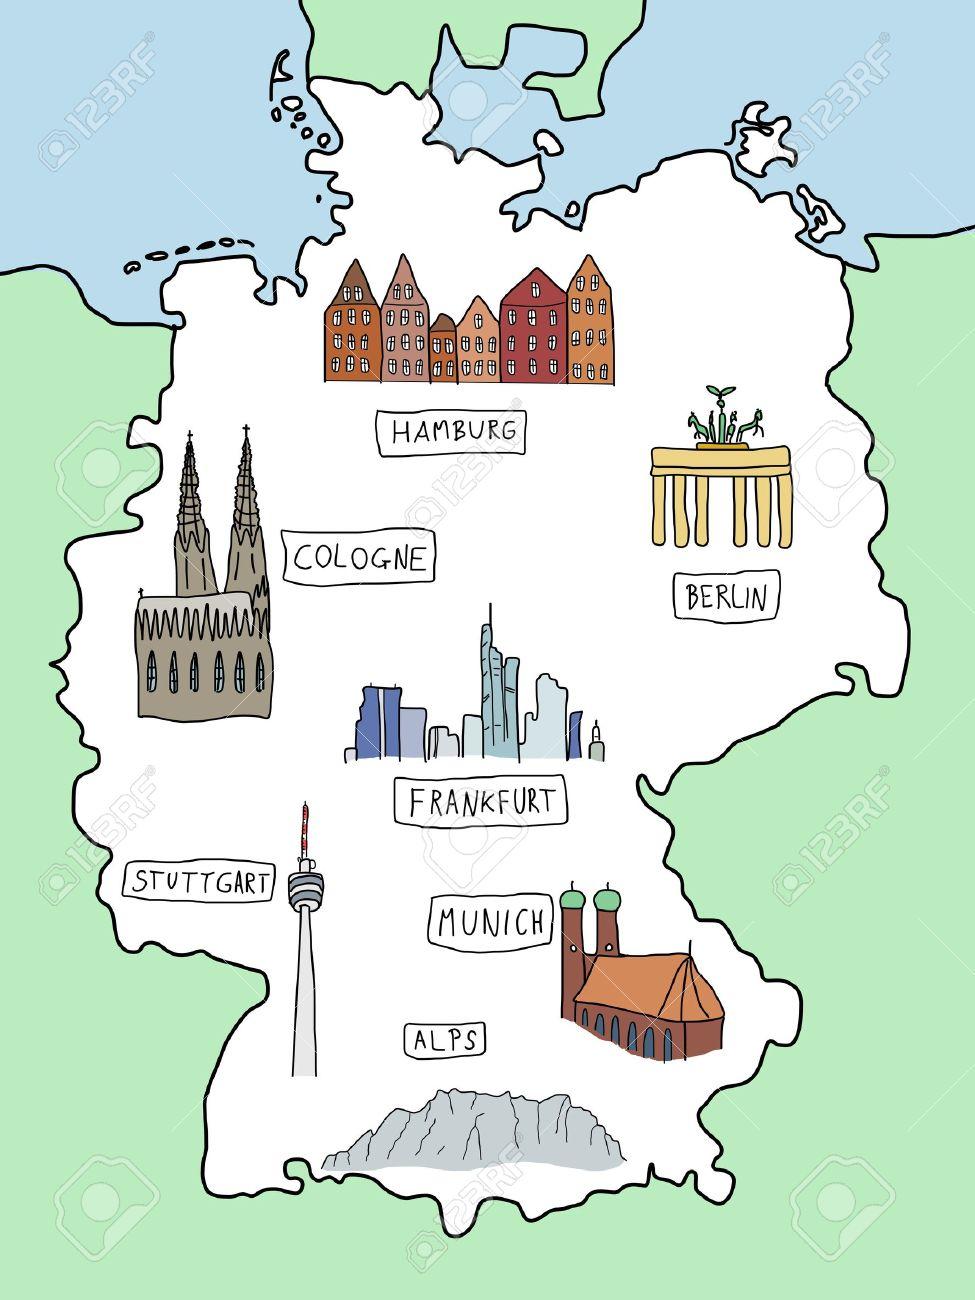 9481538-duitsland-doodle-kaart-met-bekende-plaatsen-berlijn-hamburg-keulen-frankfurt-stuttgart-münchen-en-de